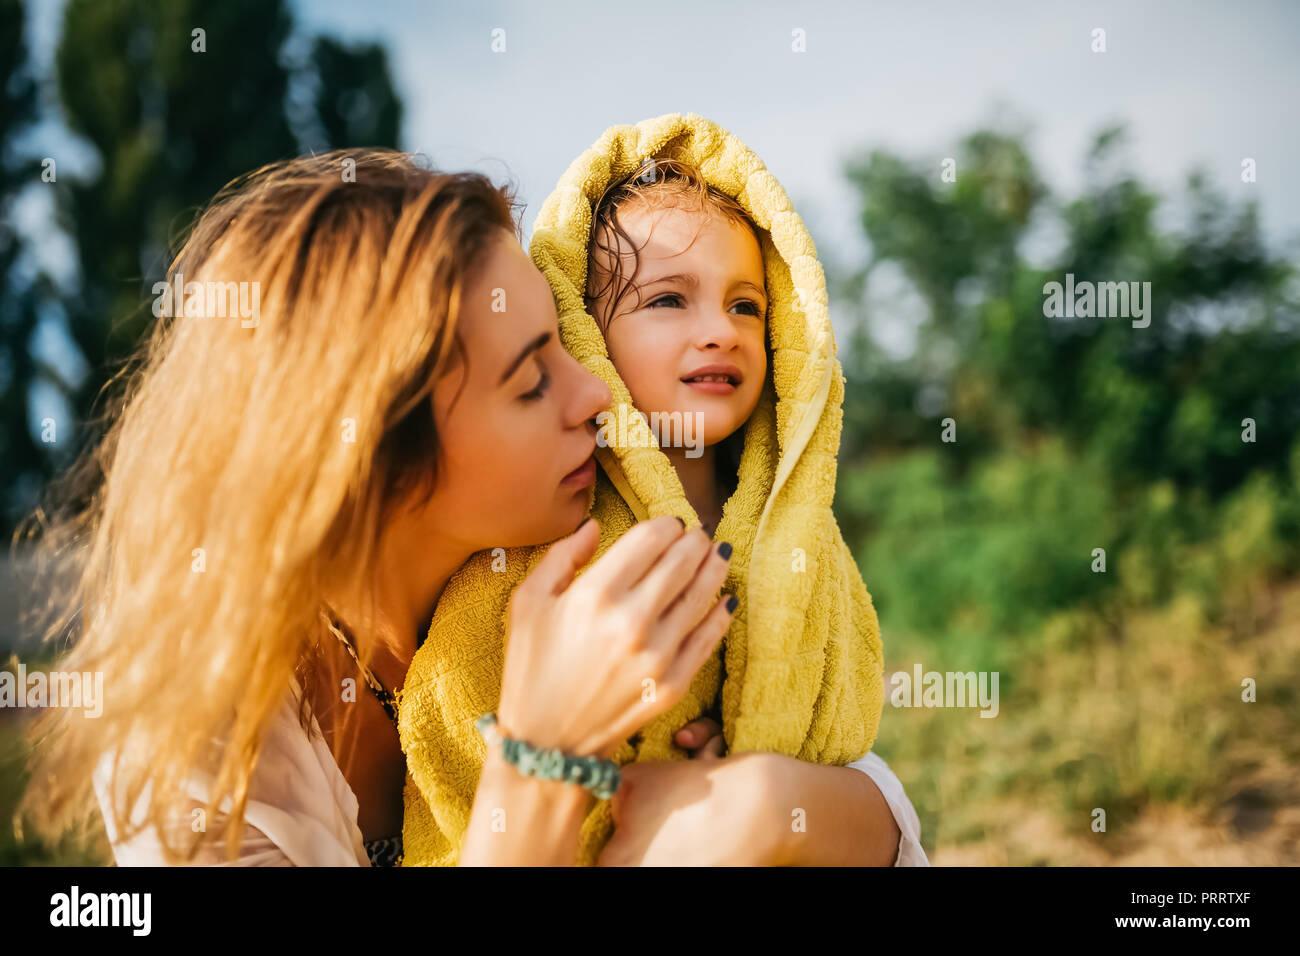 Mère fille couvrant avec une serviette après la baignade dans l'eau Photo Stock